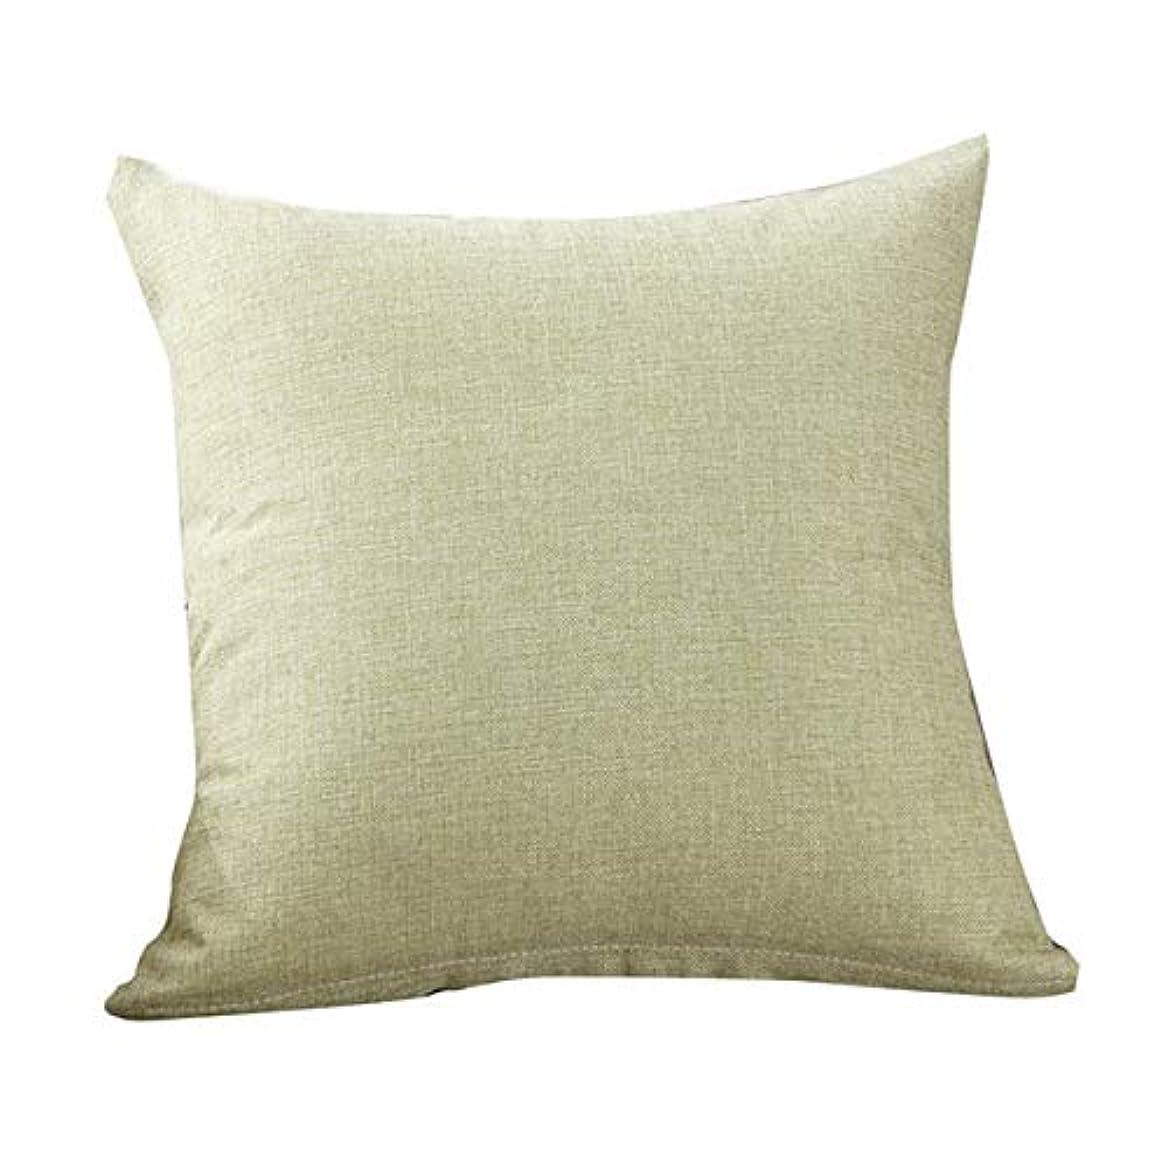 塩辛い乱雑な発見LIFE クリエイティブシンプルなファッションスロー枕クッションカフェソファクッションのホームインテリア z0403# G20 クッション 椅子